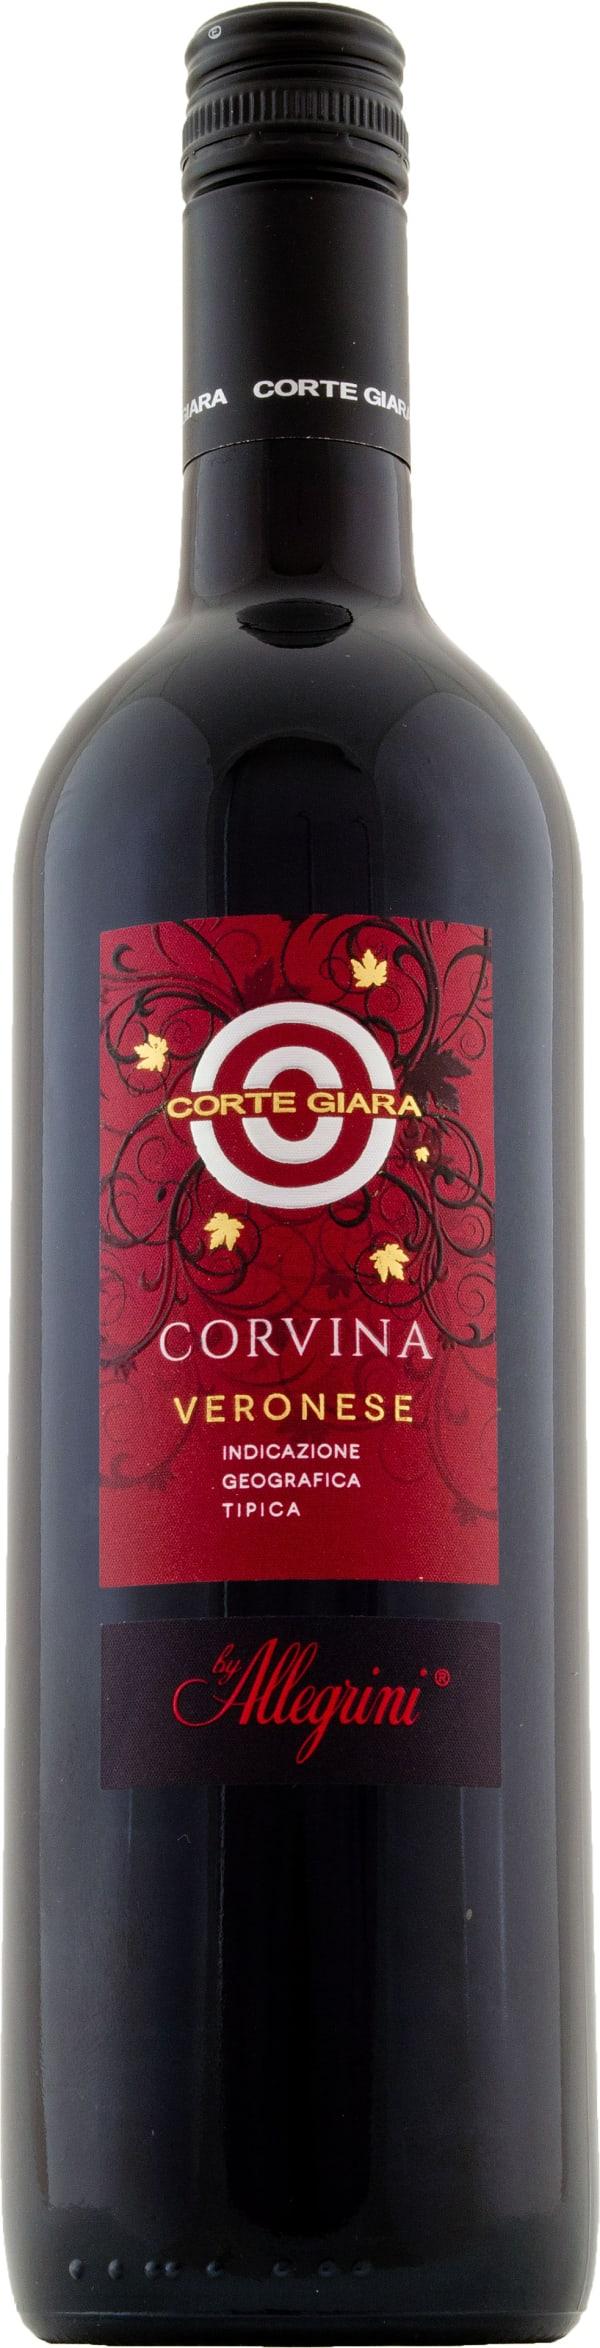 Corte Giara Corvina 2015